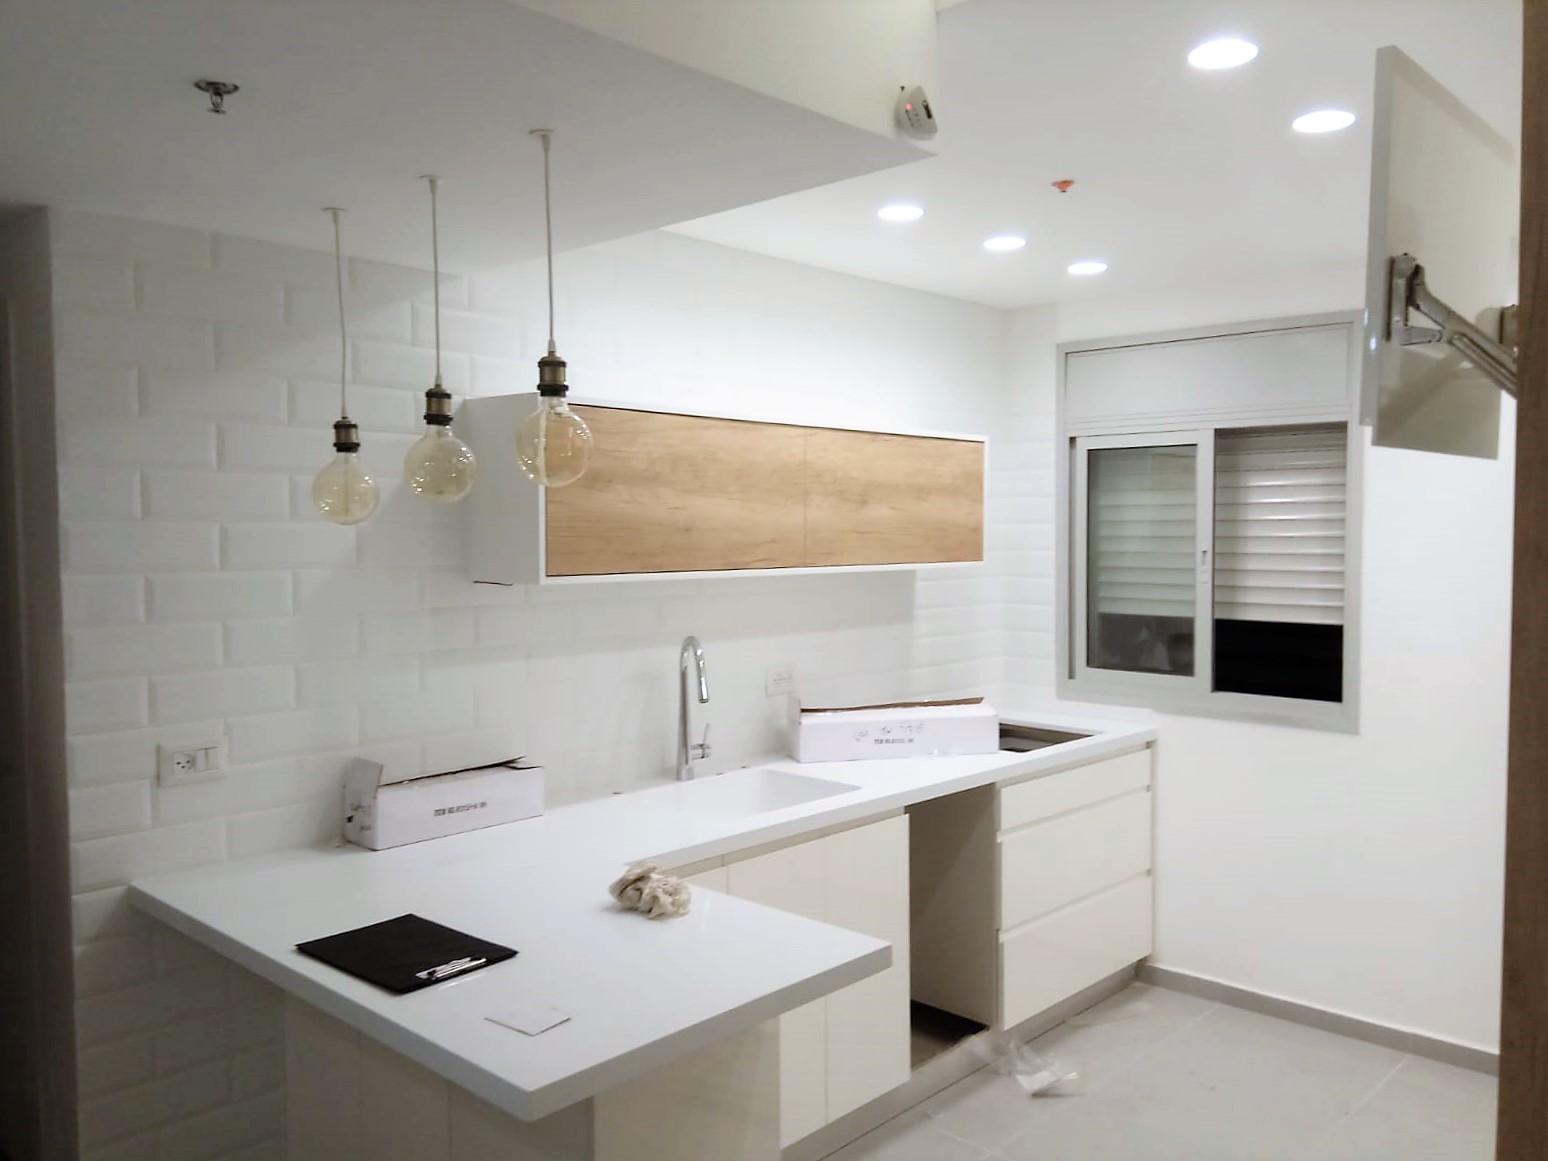 דירה למכירה 3.5 חדרים 1,780,000₪, בת ים